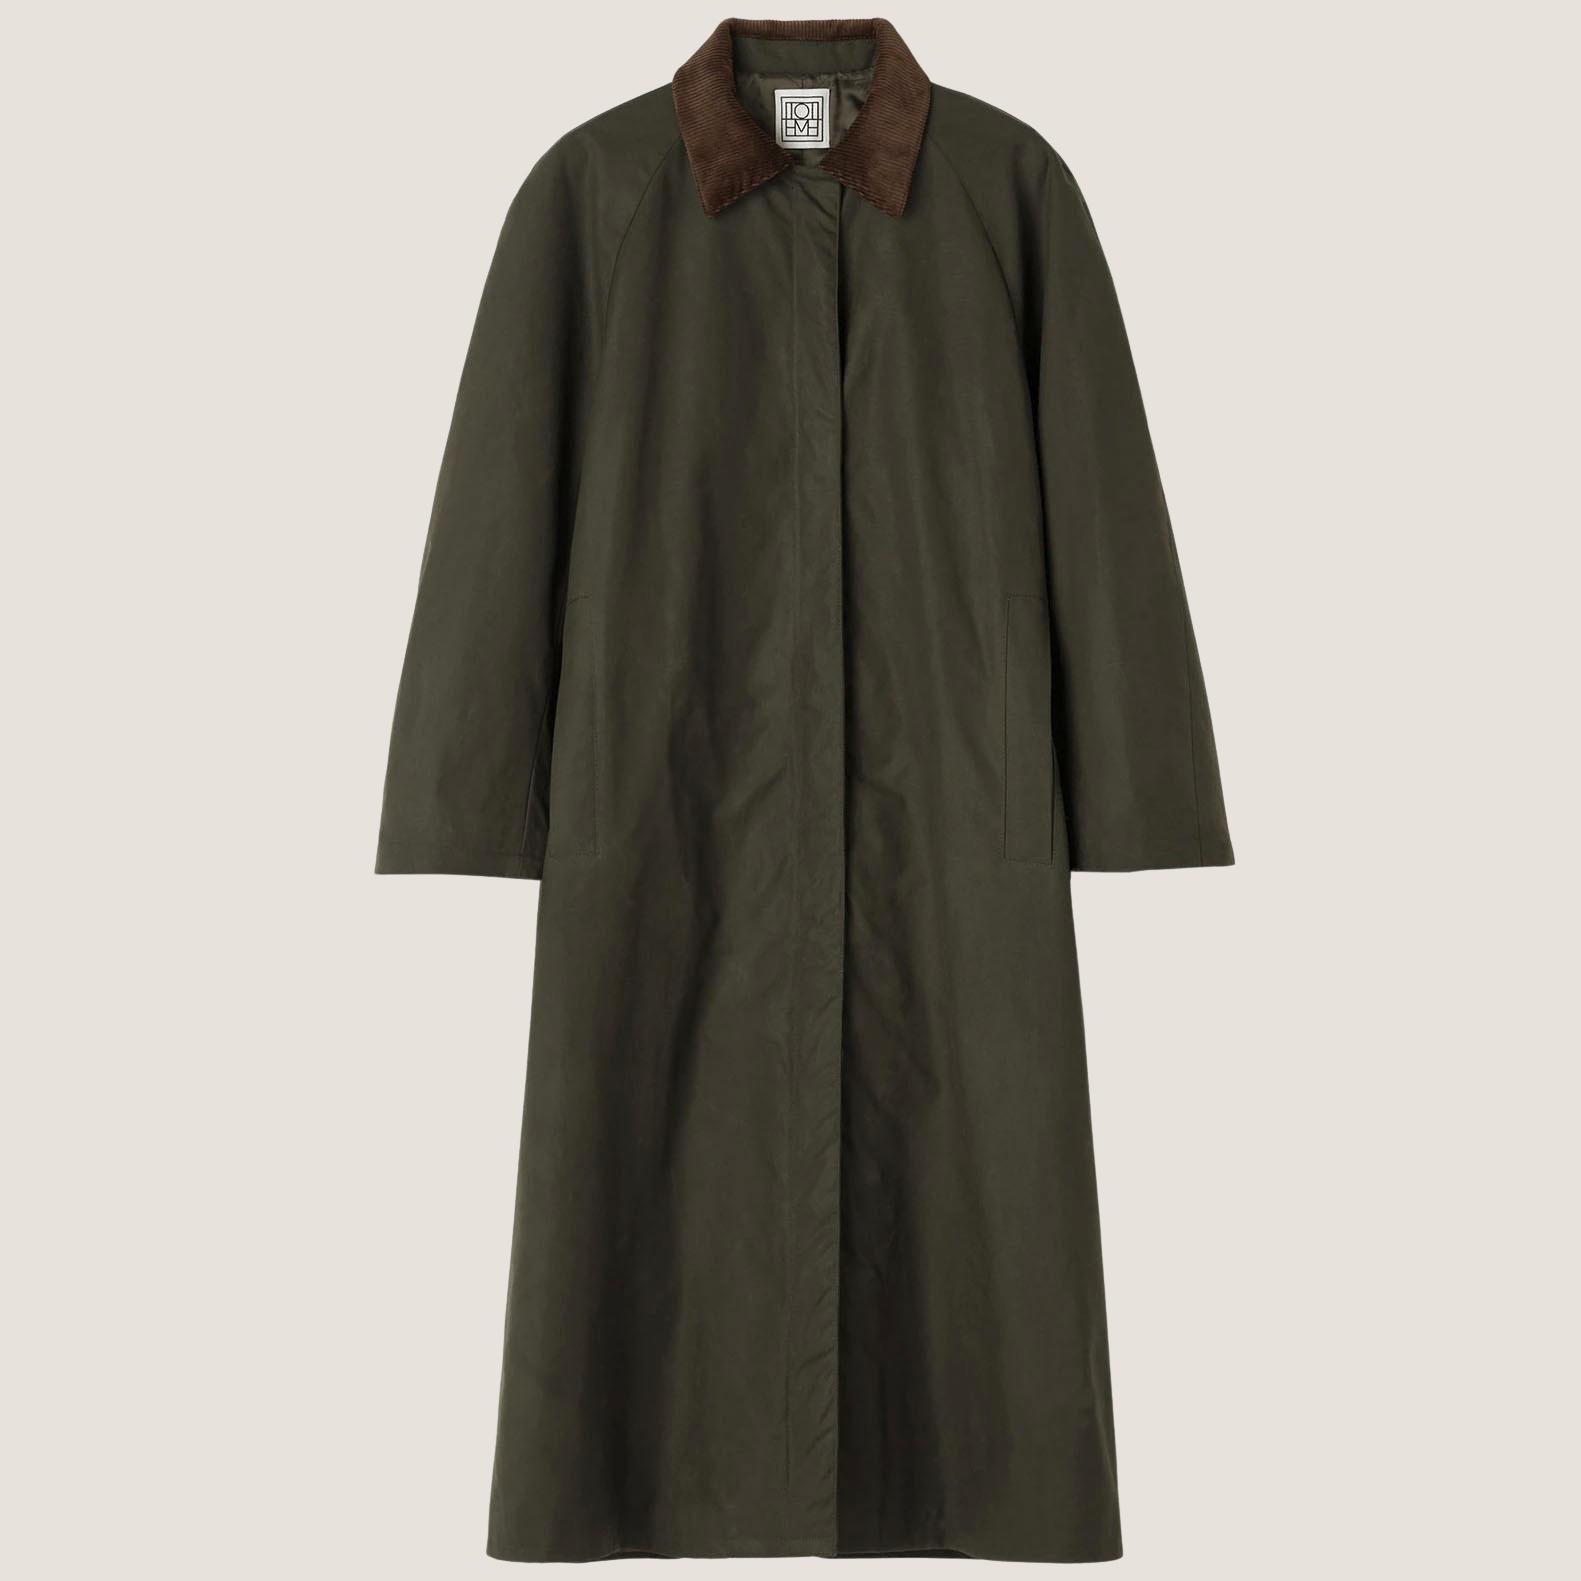 Country Coat